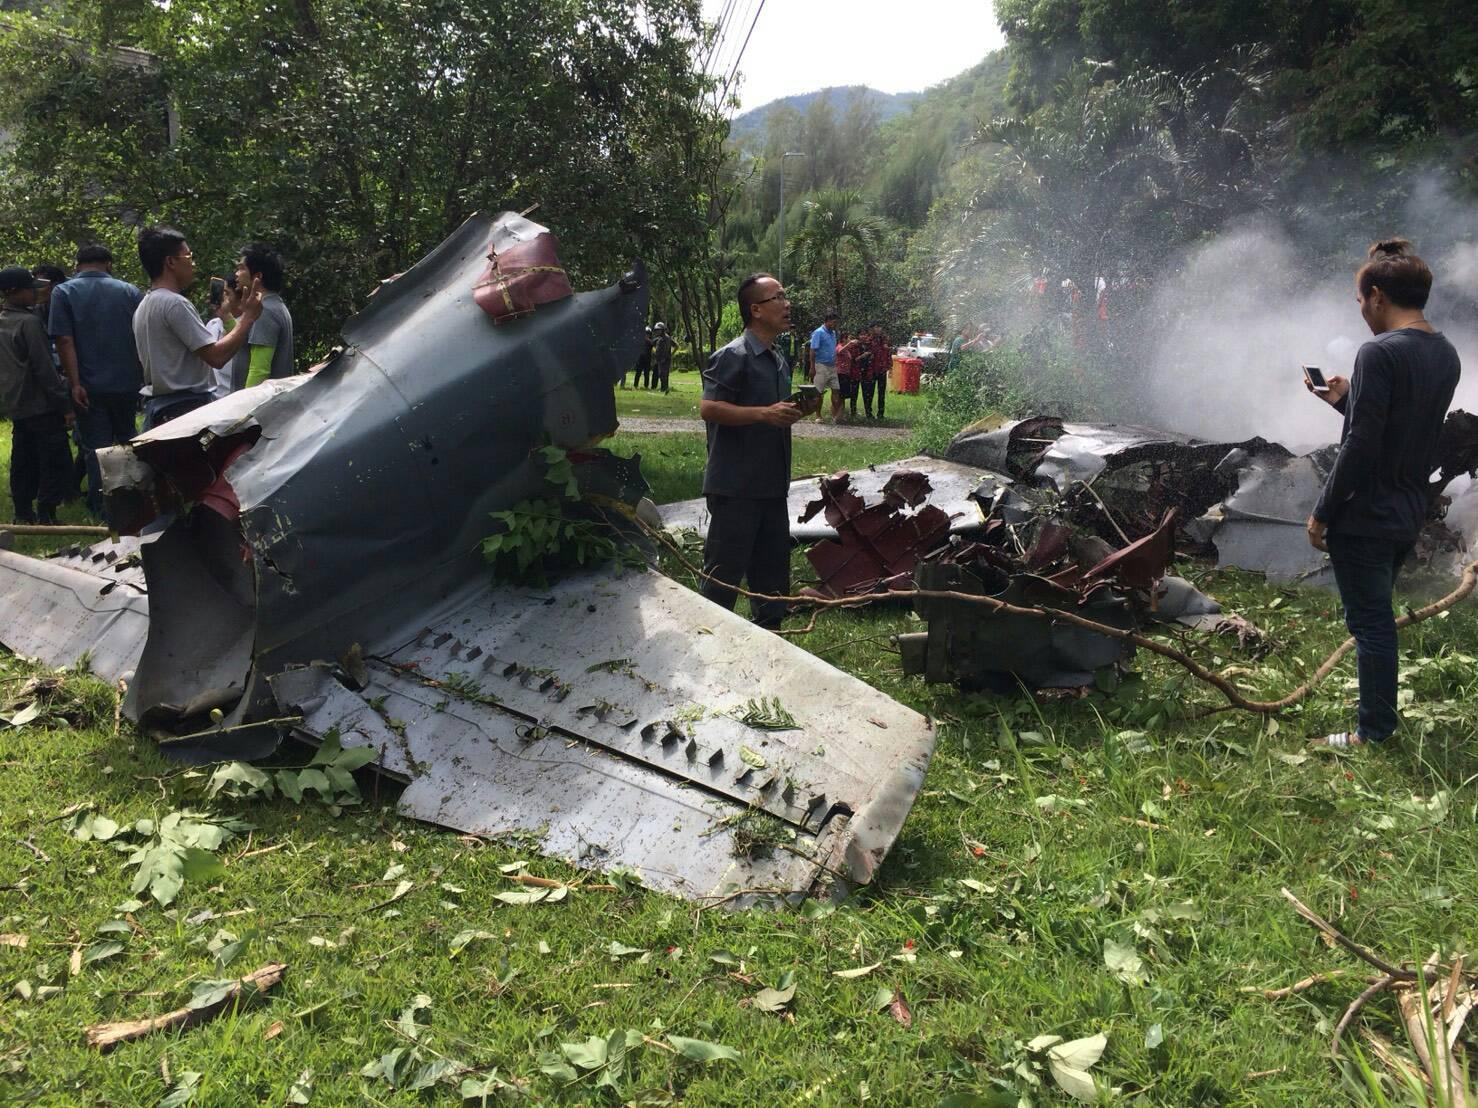 เครื่องบินขับไล่ตก นักบินดับ1เจ็บ1